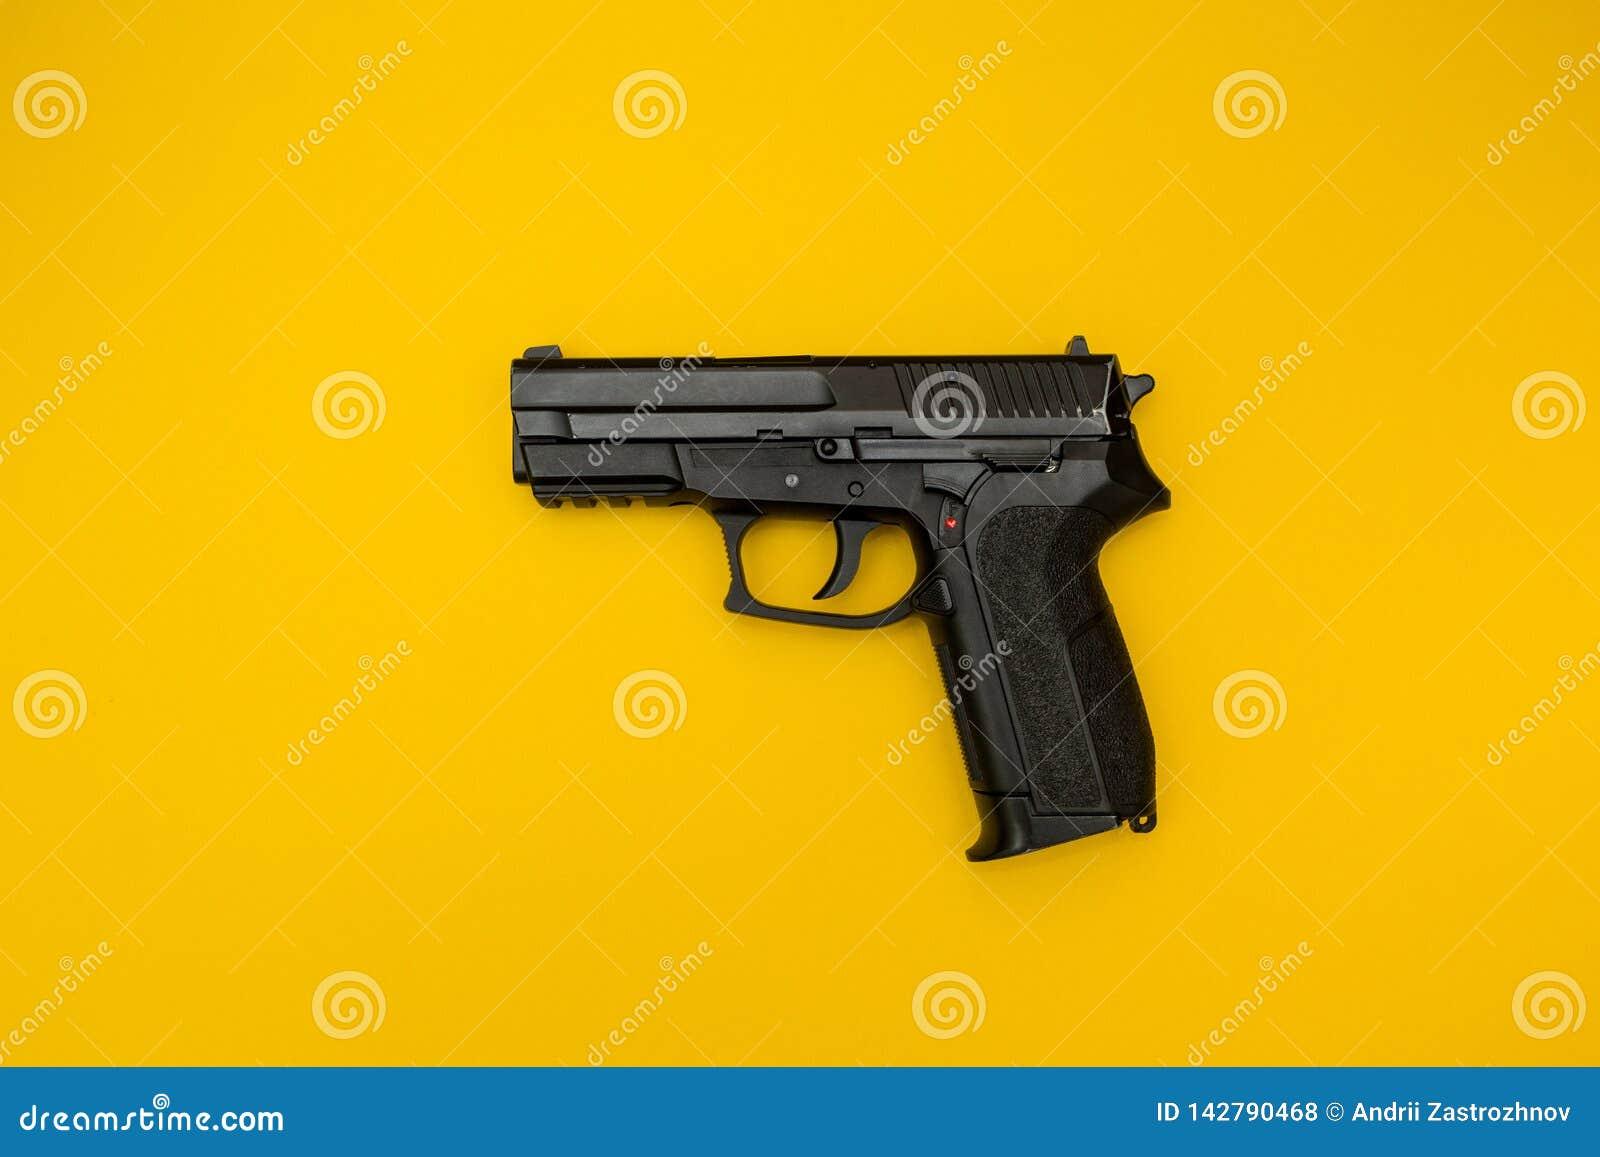 Czarny pistolet na żółtym tle, pojęcie